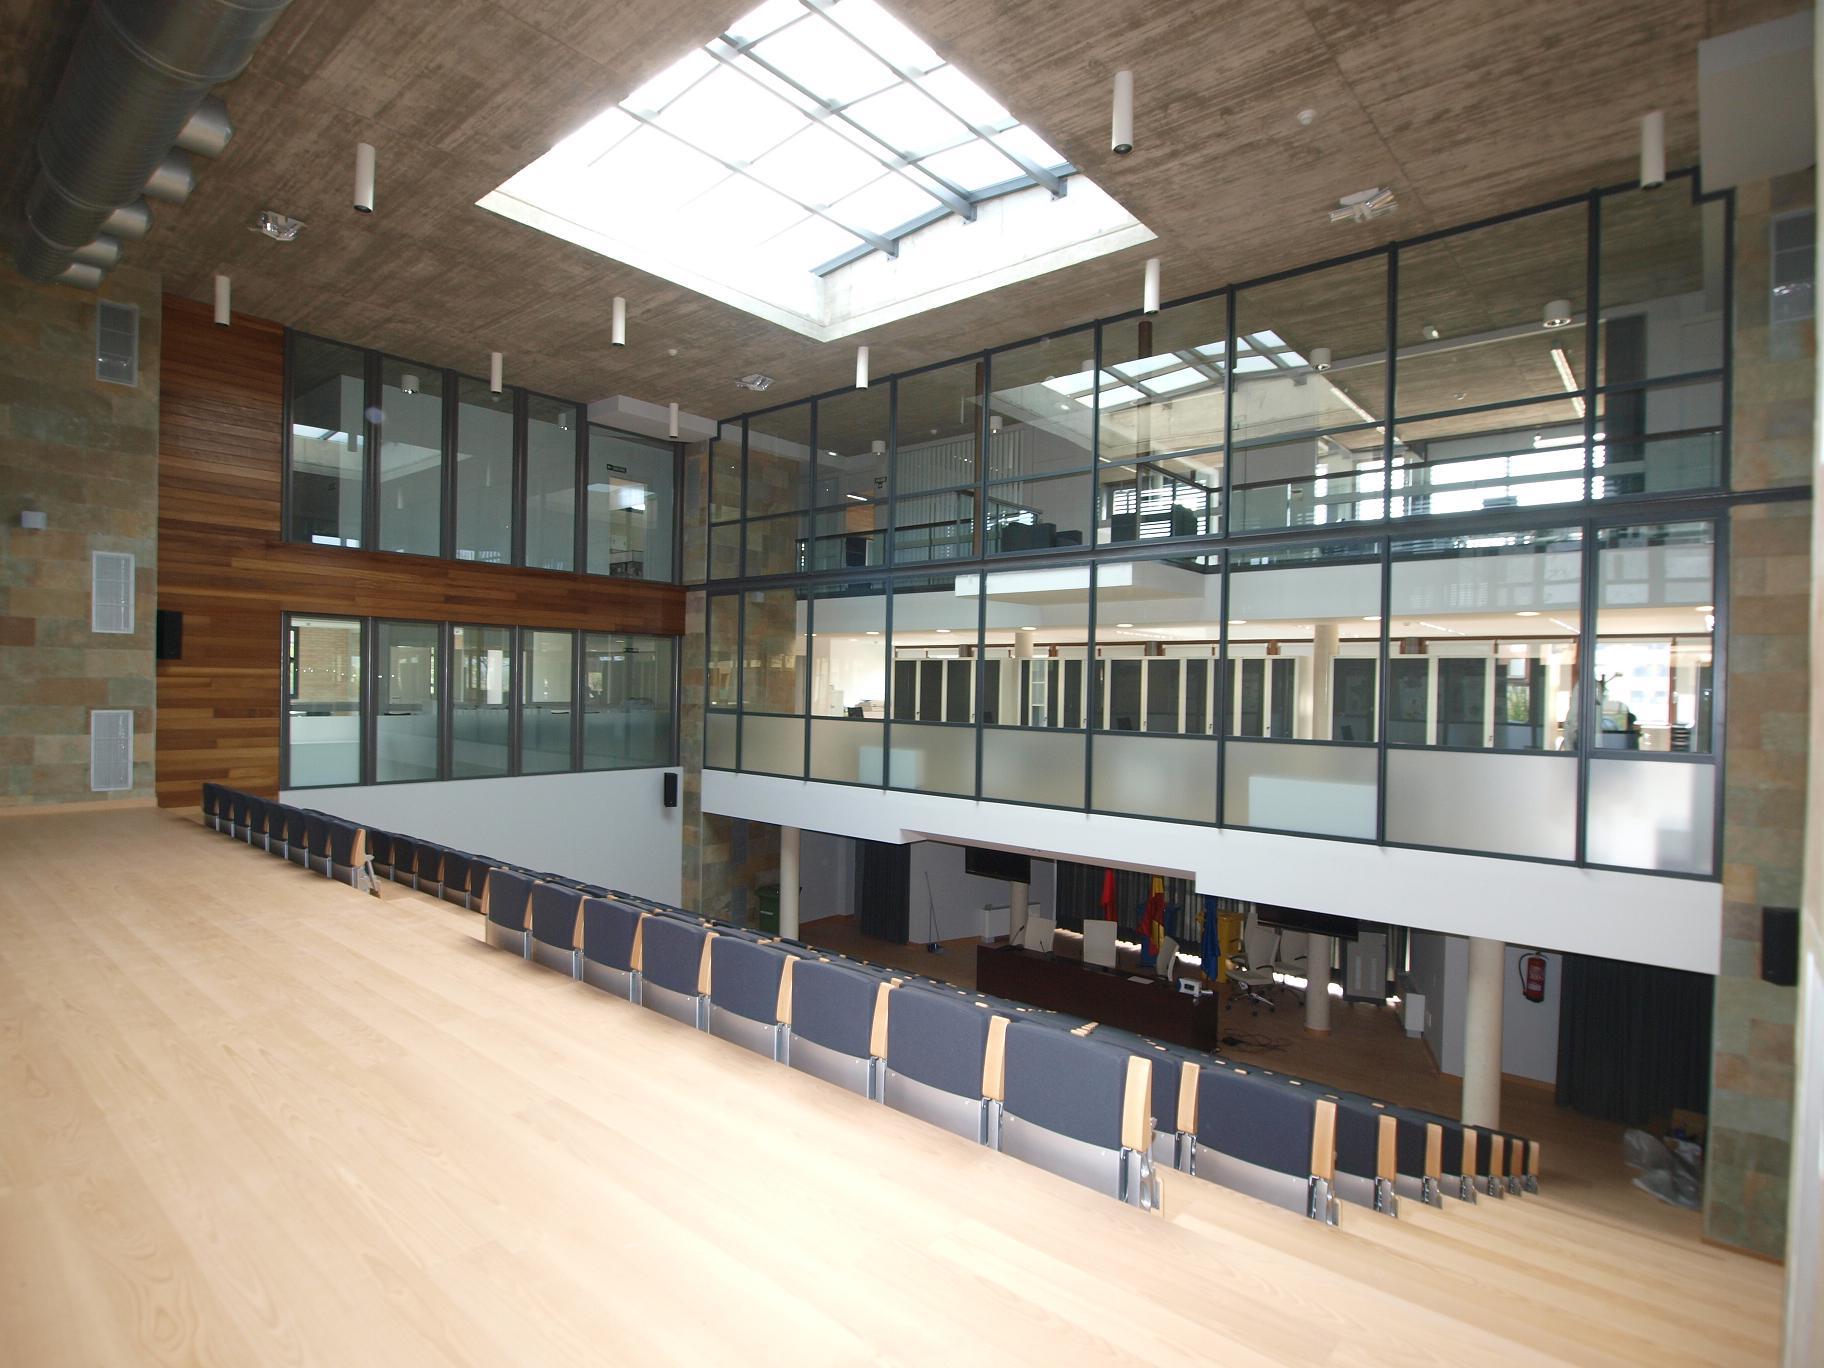 Sede mancomunidad ribera tudela glaria estudio arquitectura - Estudio arquitectura zaragoza ...